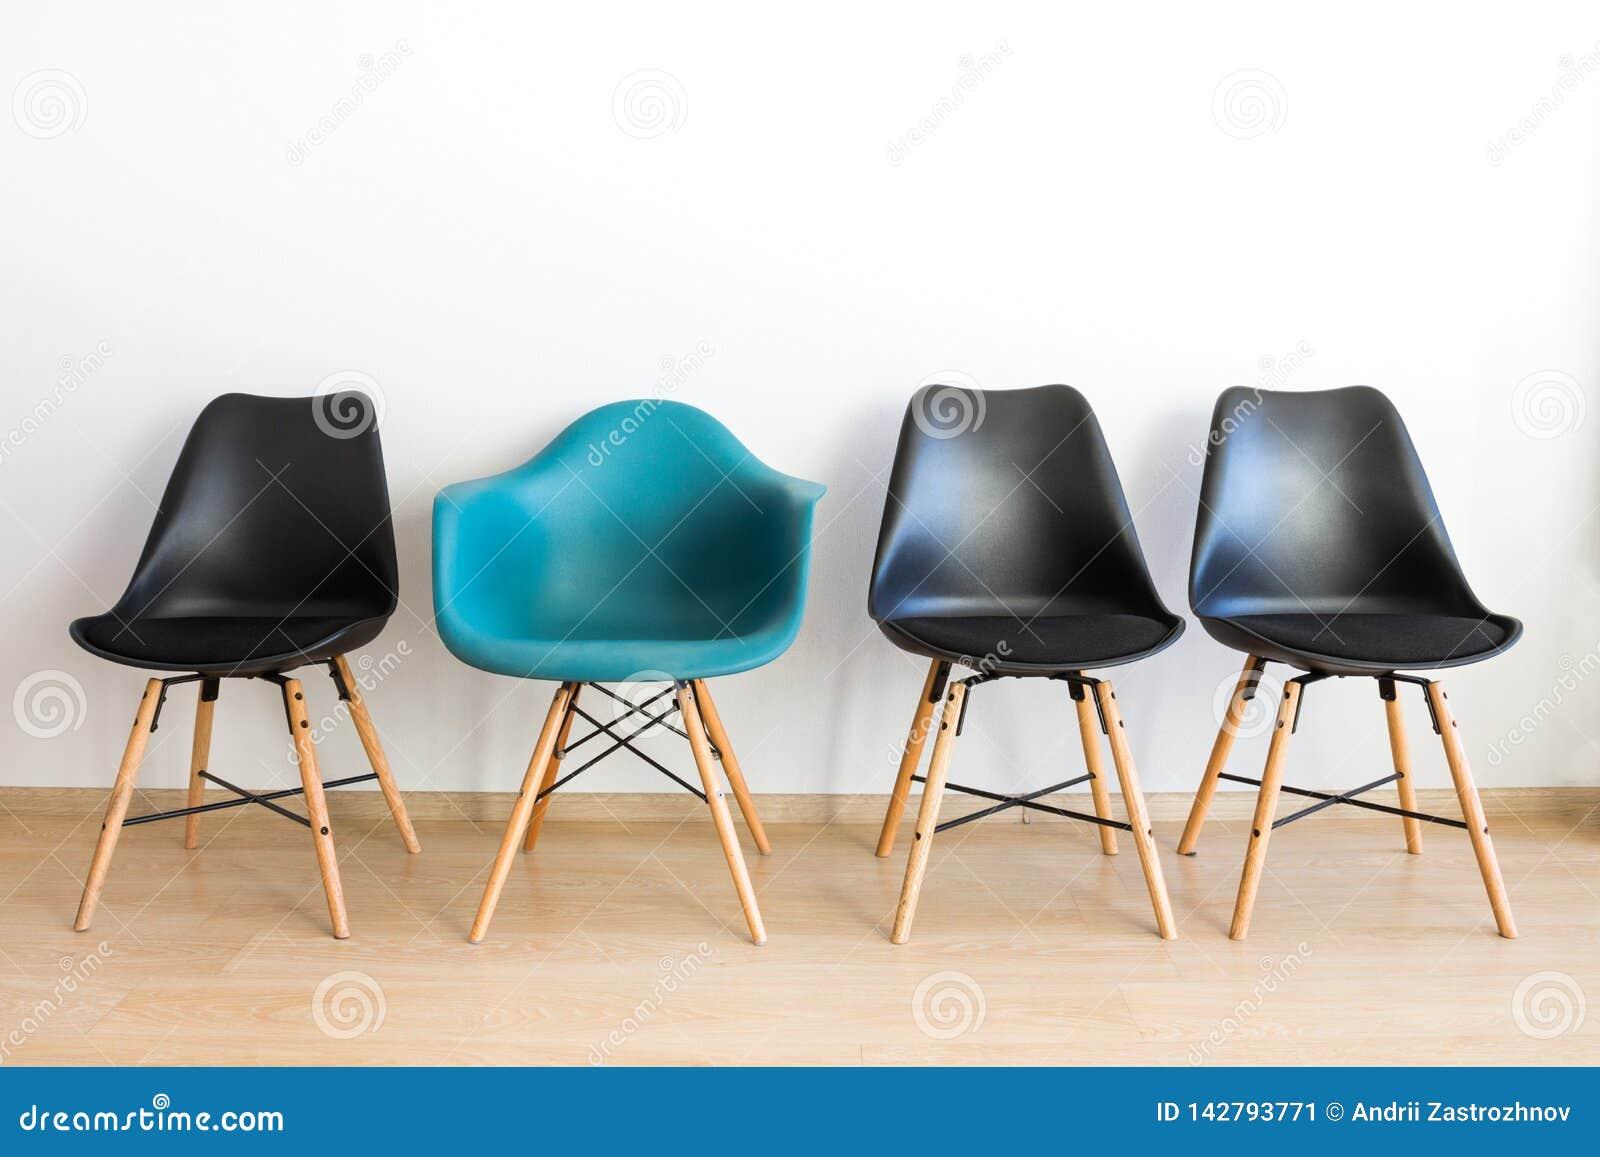 Błękitny wygodny krzesło wśród czerni